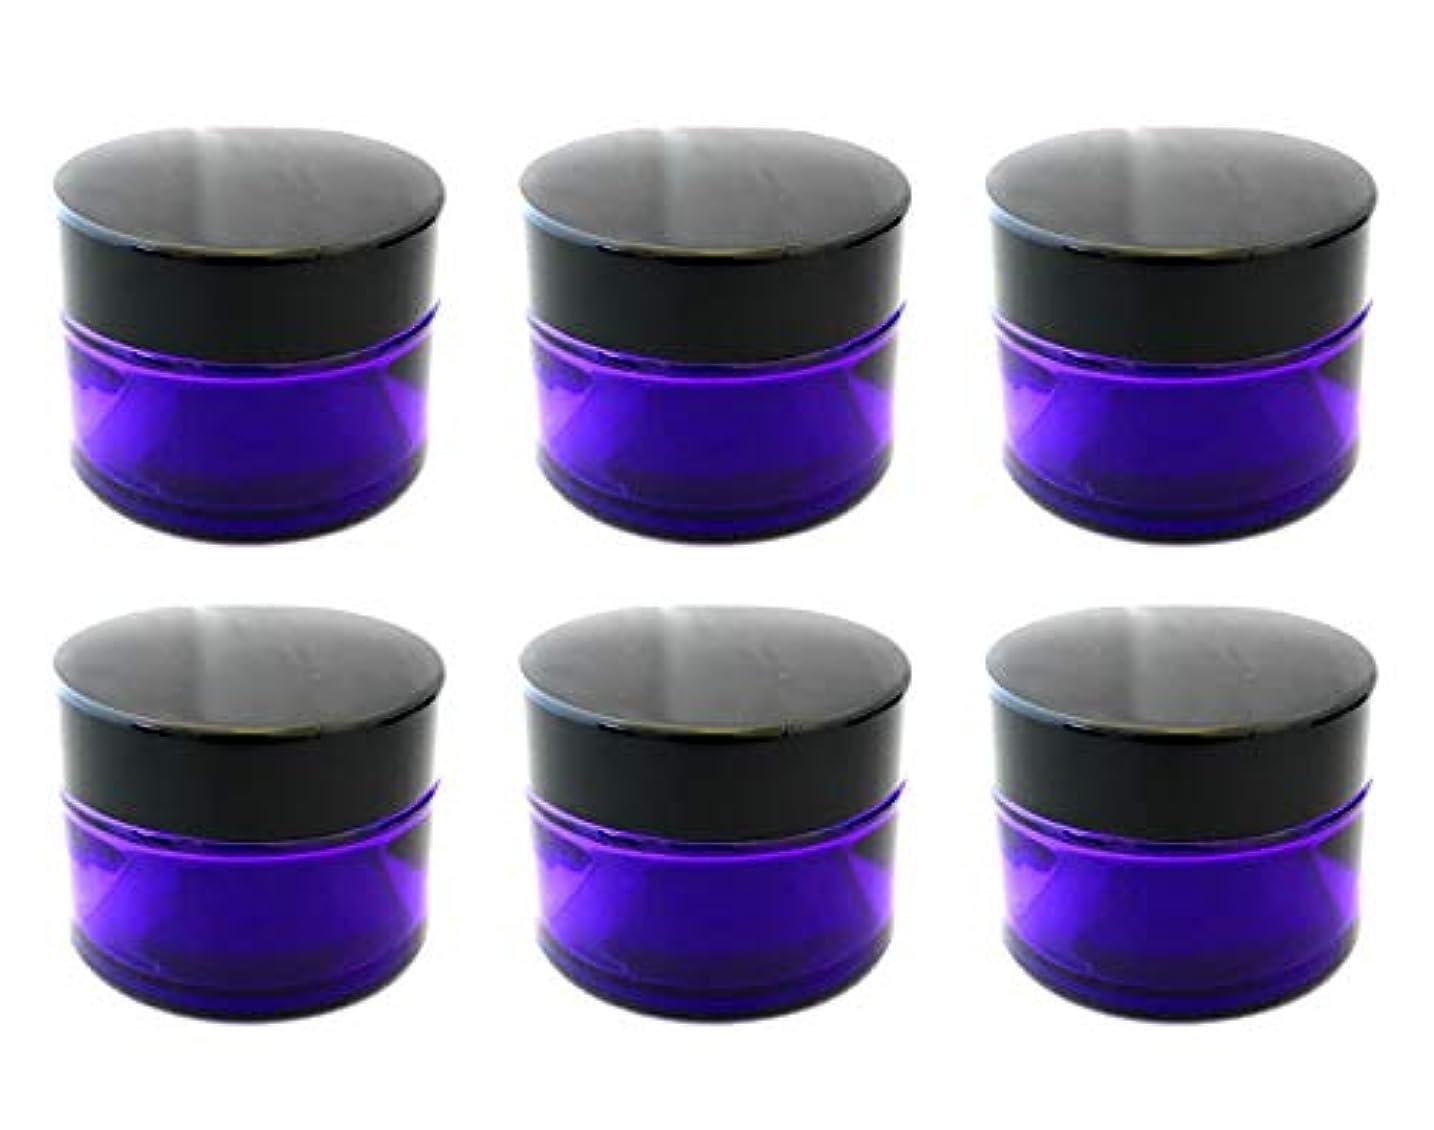 滑る多数の伸ばす(m-stone)ハンドクリーム 容器 遮光 ジャー 6個 セット アロマ 遮光瓶 ガラス 瓶 パープル (30g)